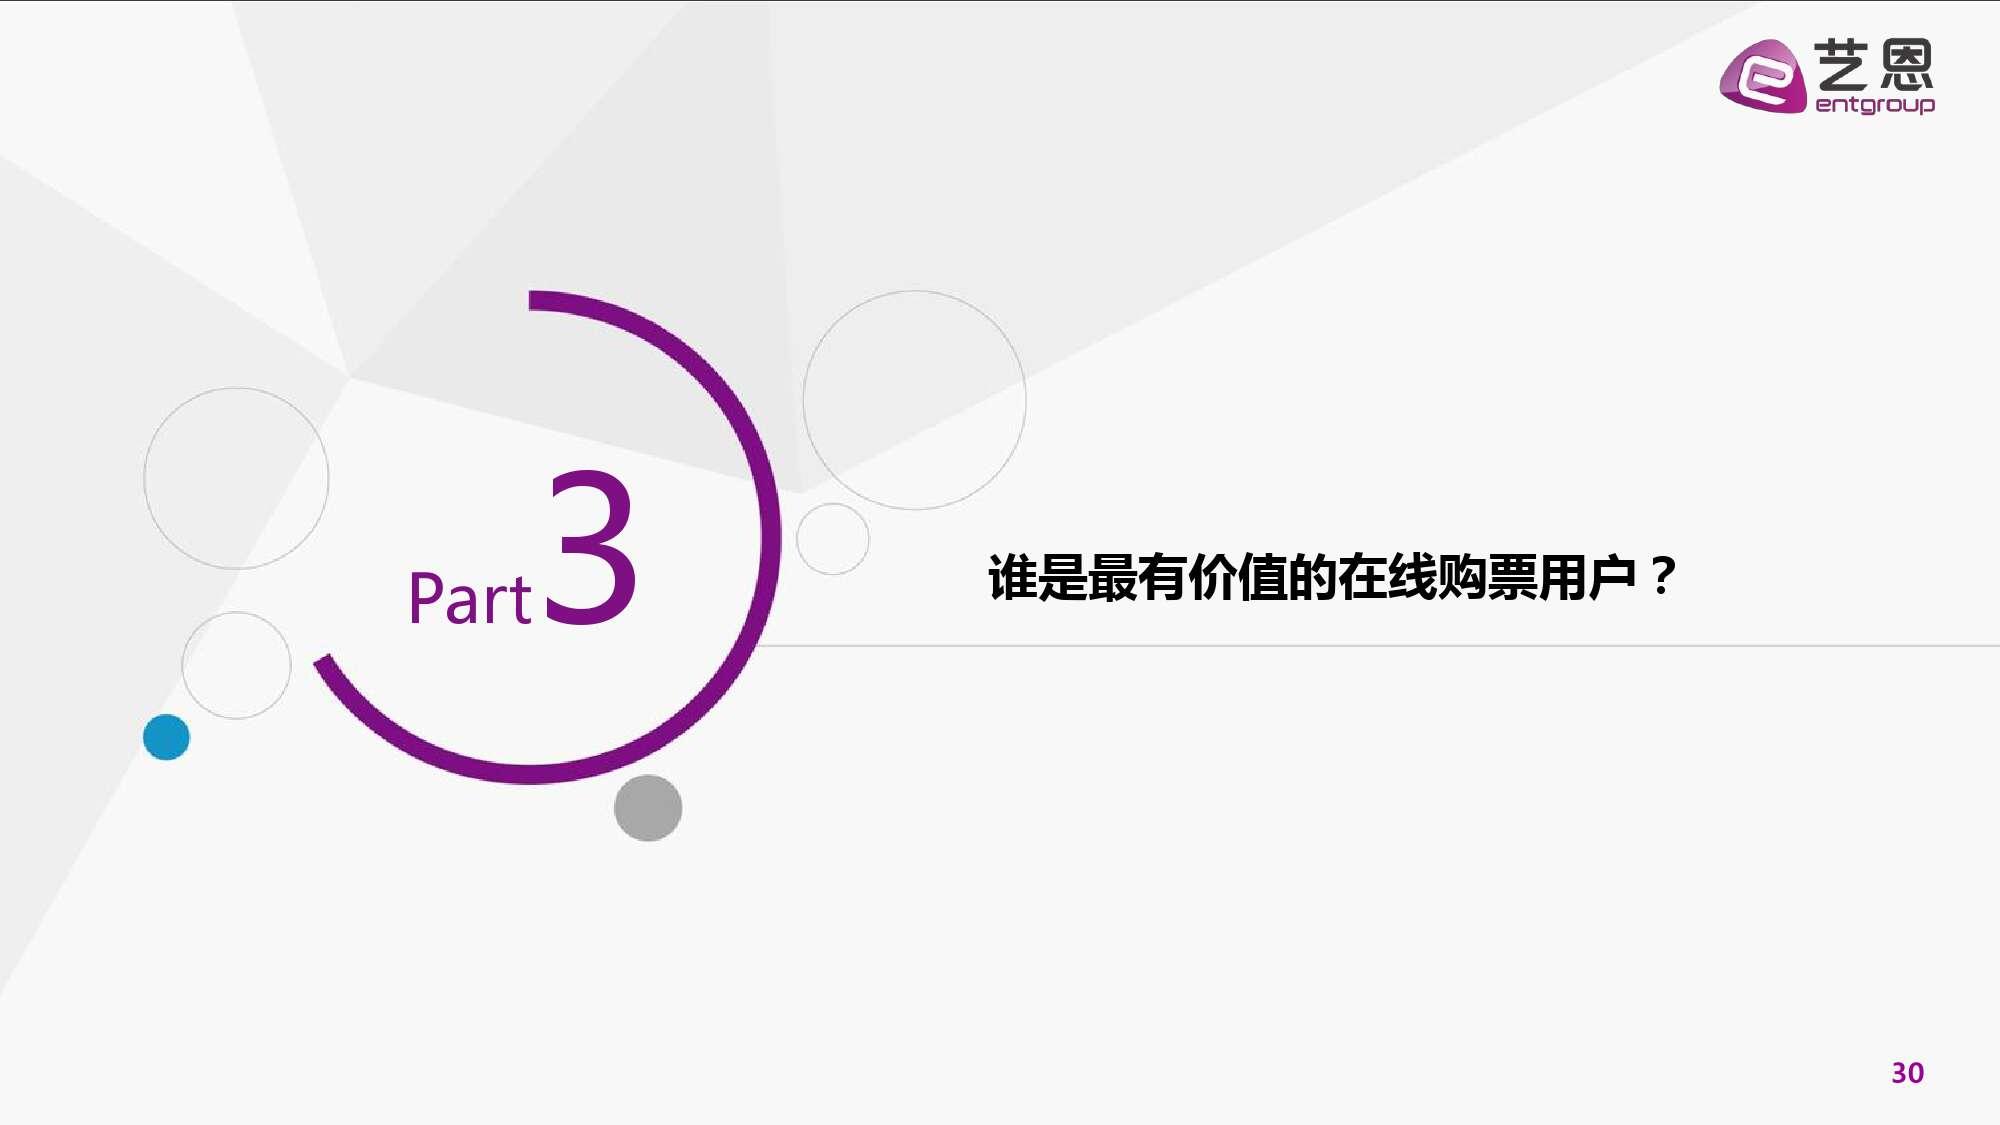 2016年中国电影在线票务市场研究报告_000030